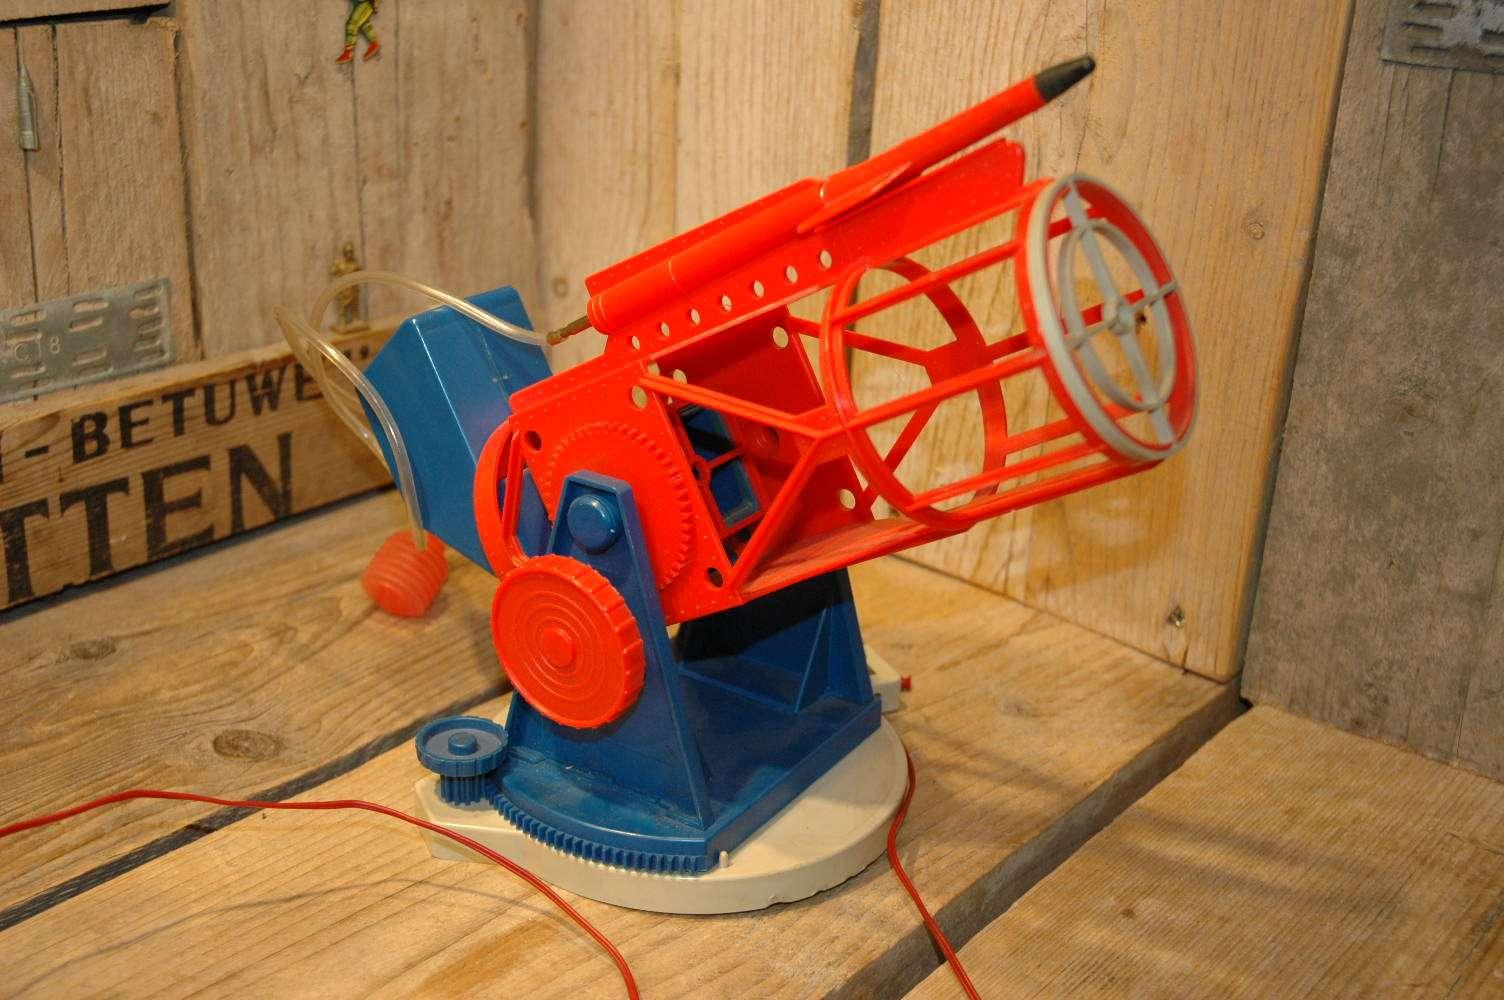 Gama - Electro Astronautic